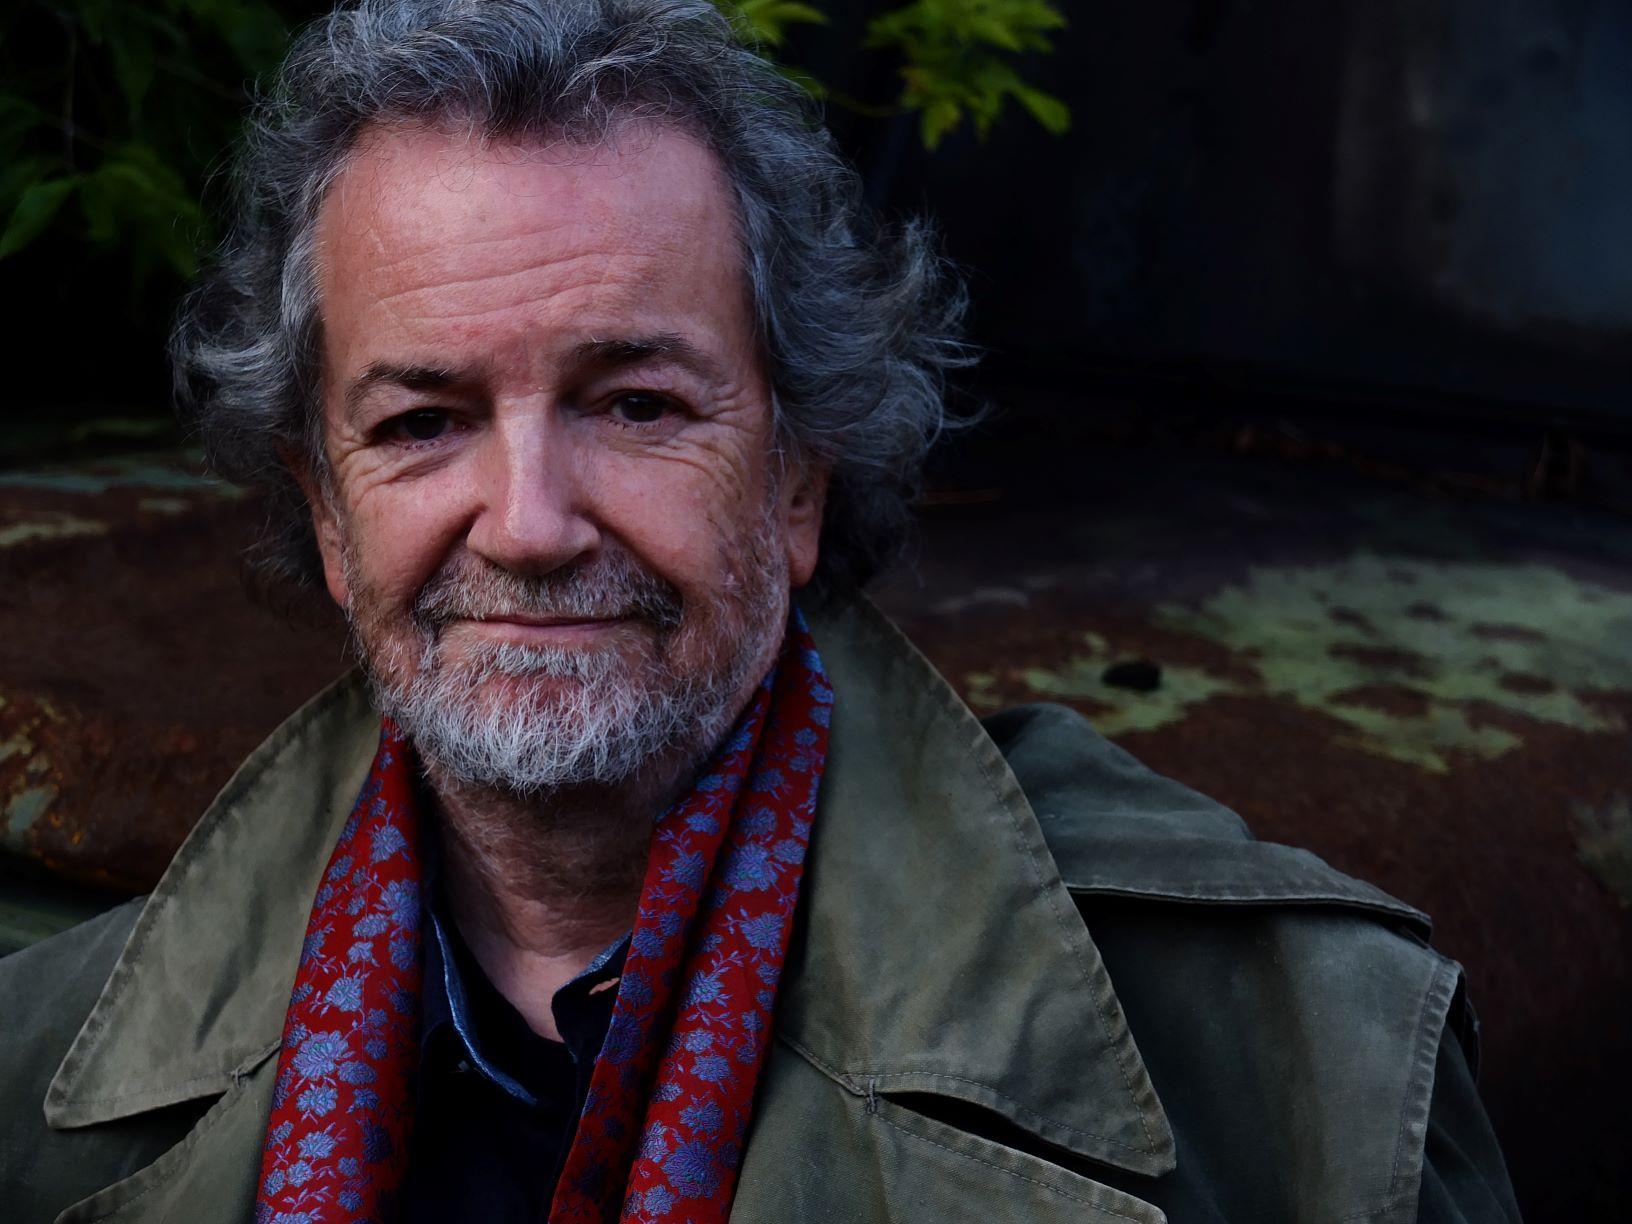 Musiker Andy Irvine